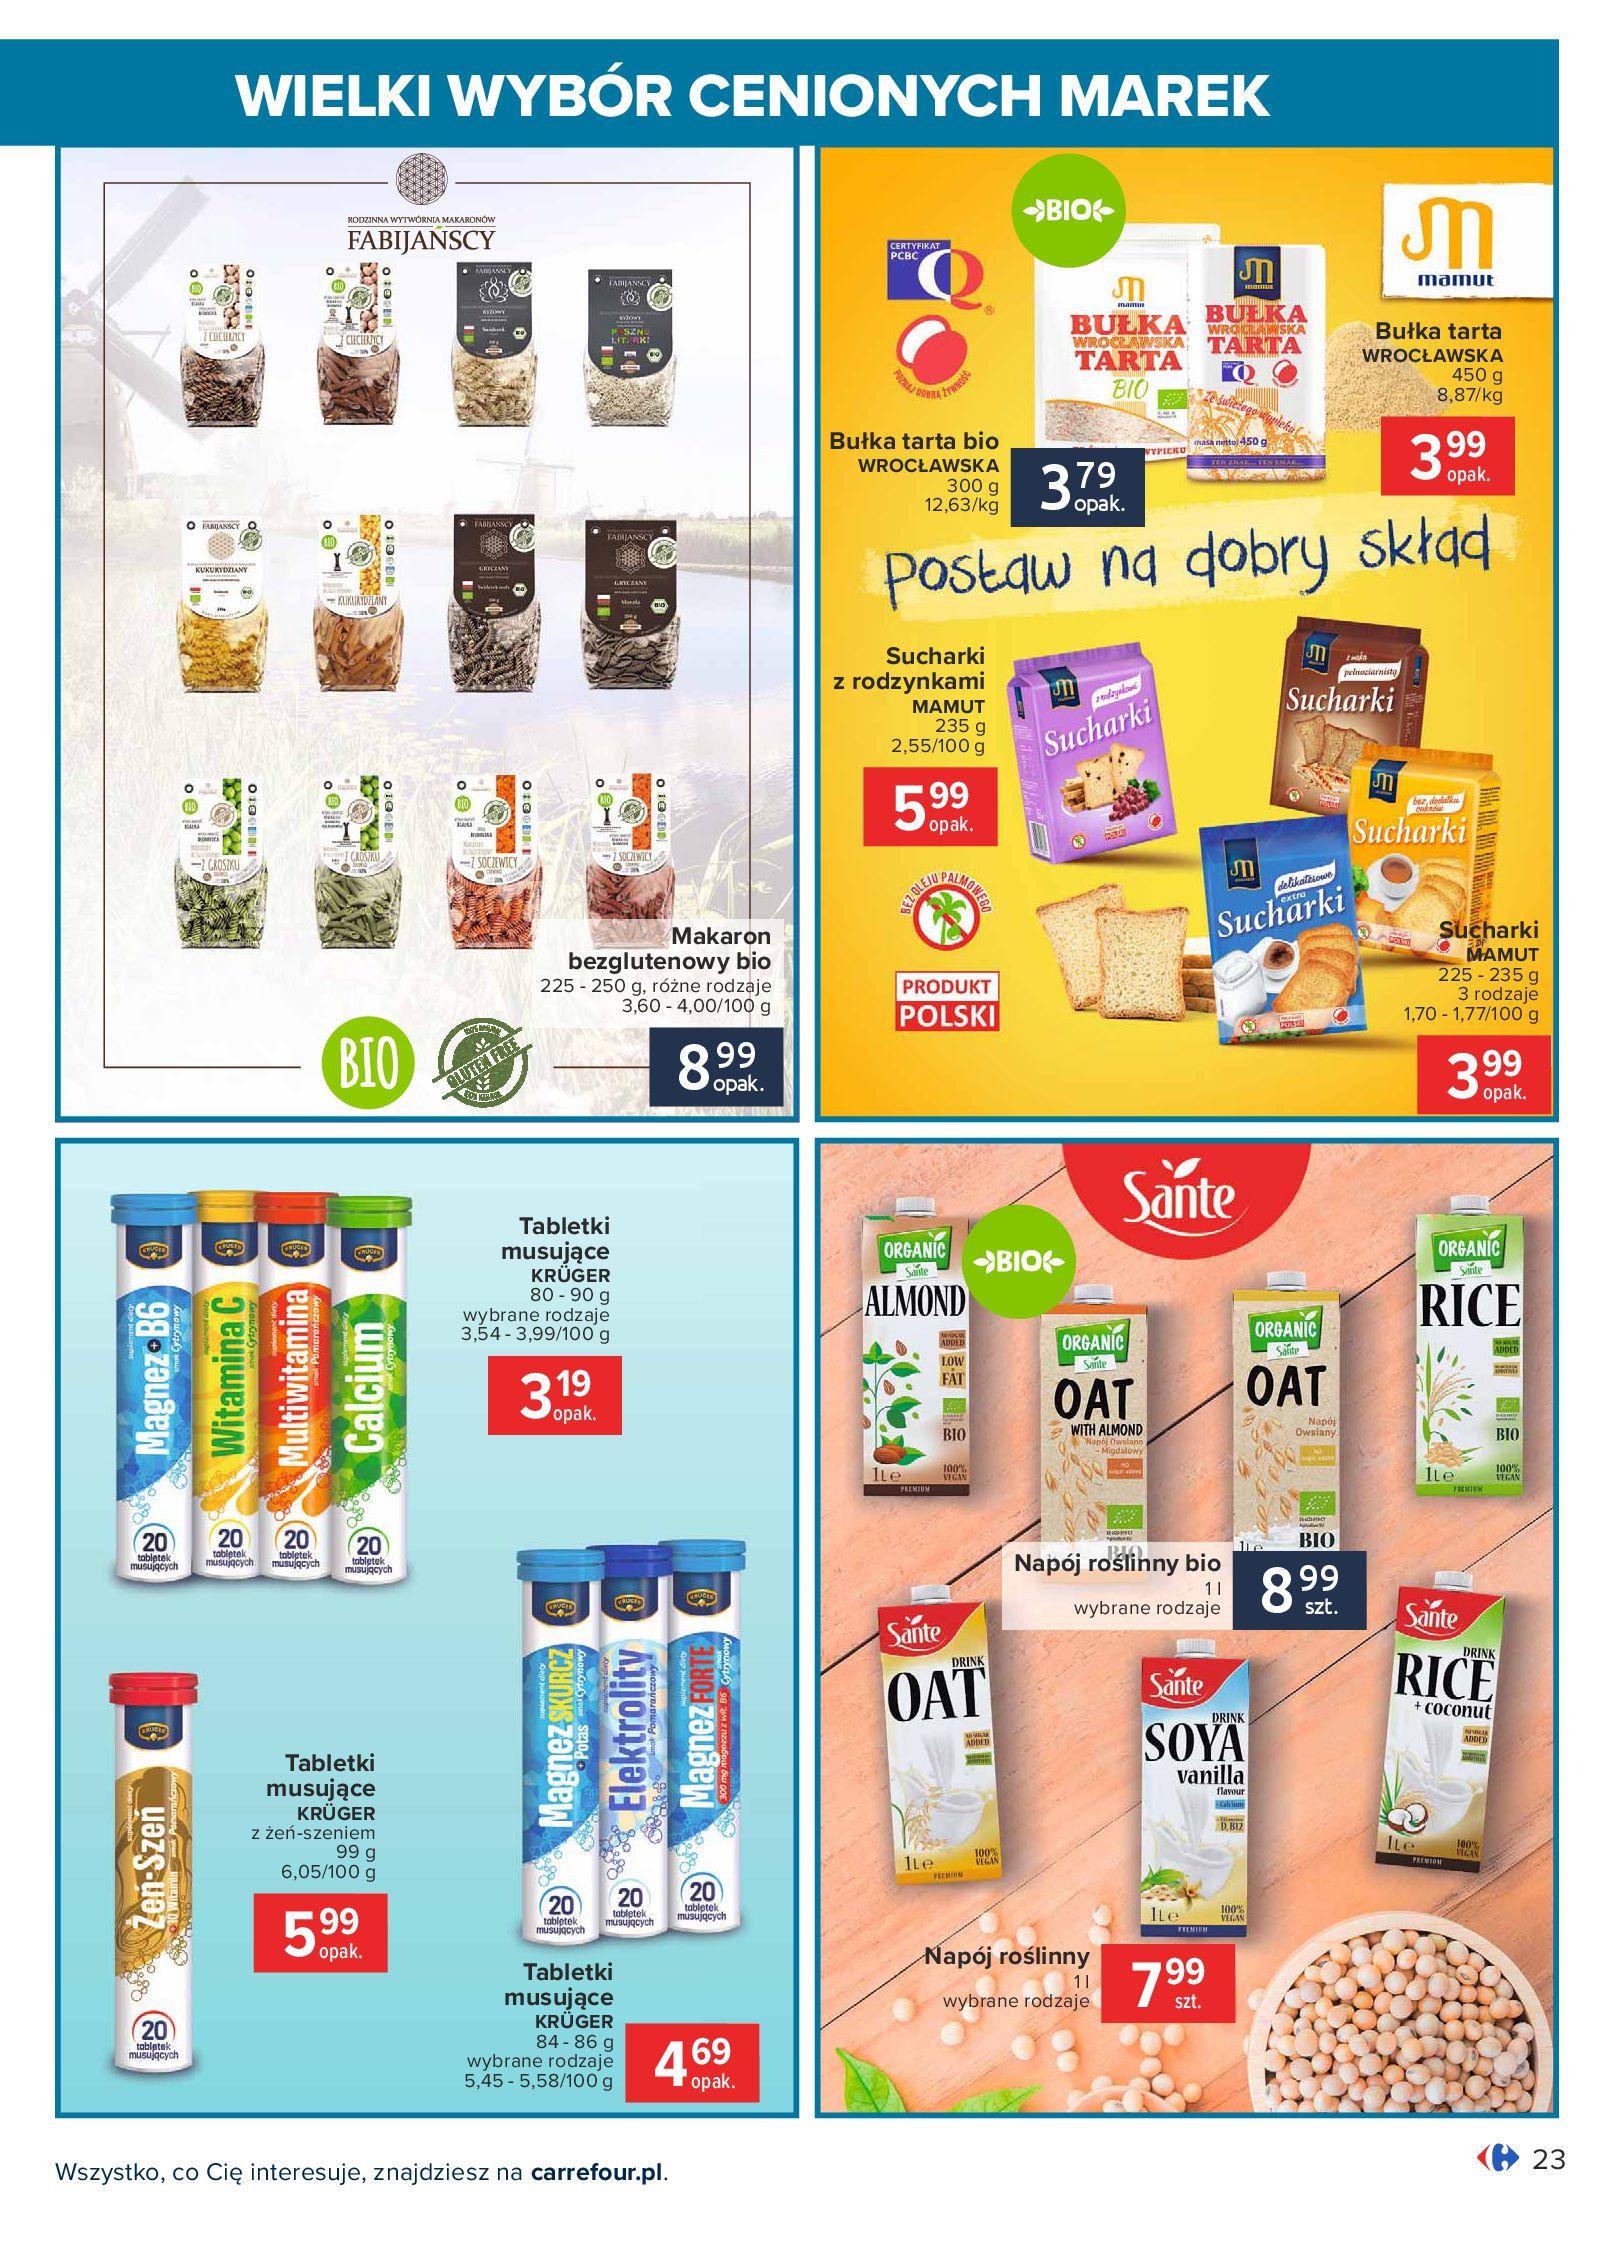 Gazetka Carrefour: Wielki wybór cenionych marek 2021-05-04 page-23